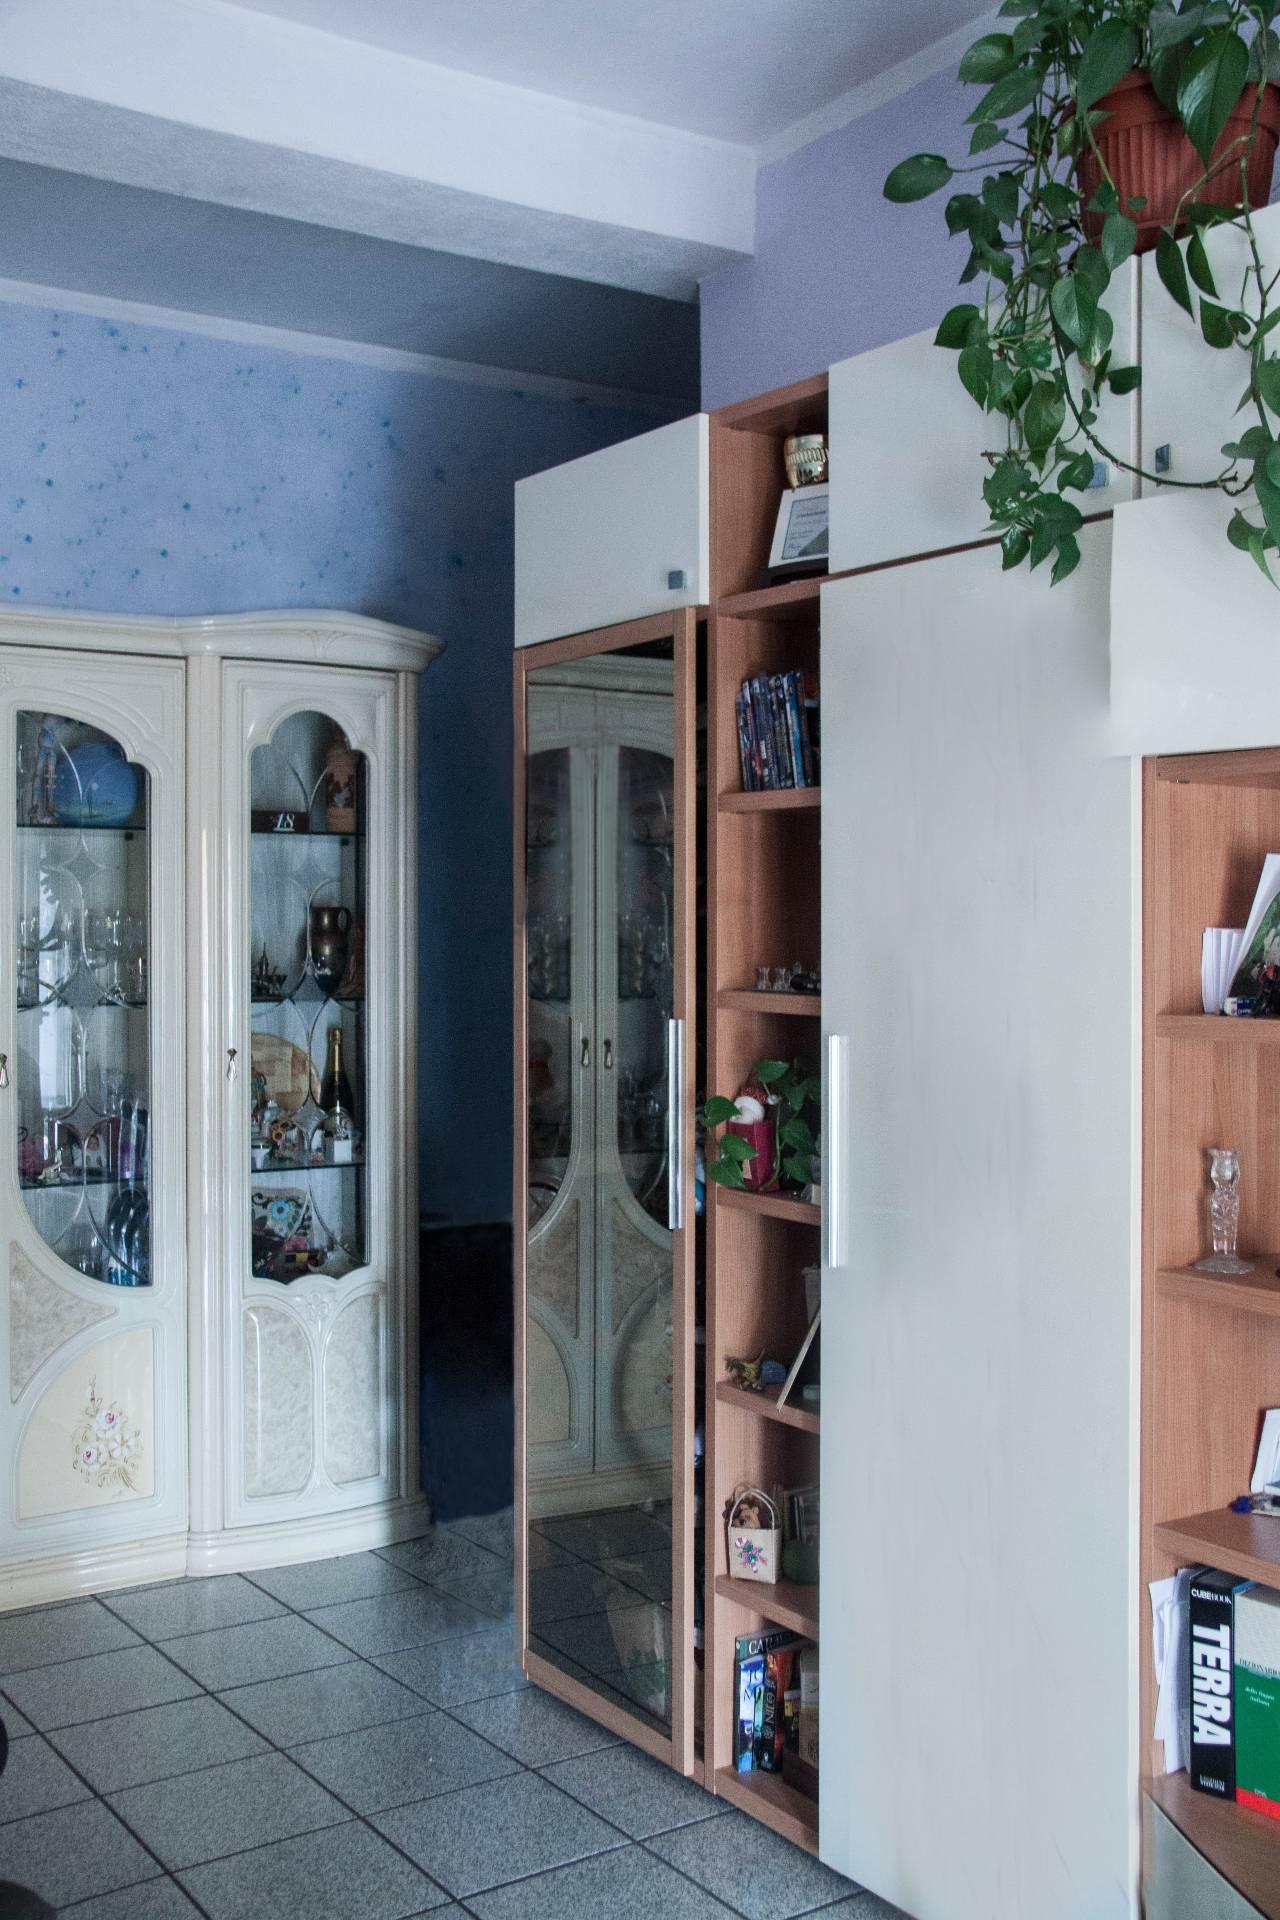 Appartamento in vendita a Trezzo sull'Adda, 3 locali, prezzo € 99.000 | PortaleAgenzieImmobiliari.it